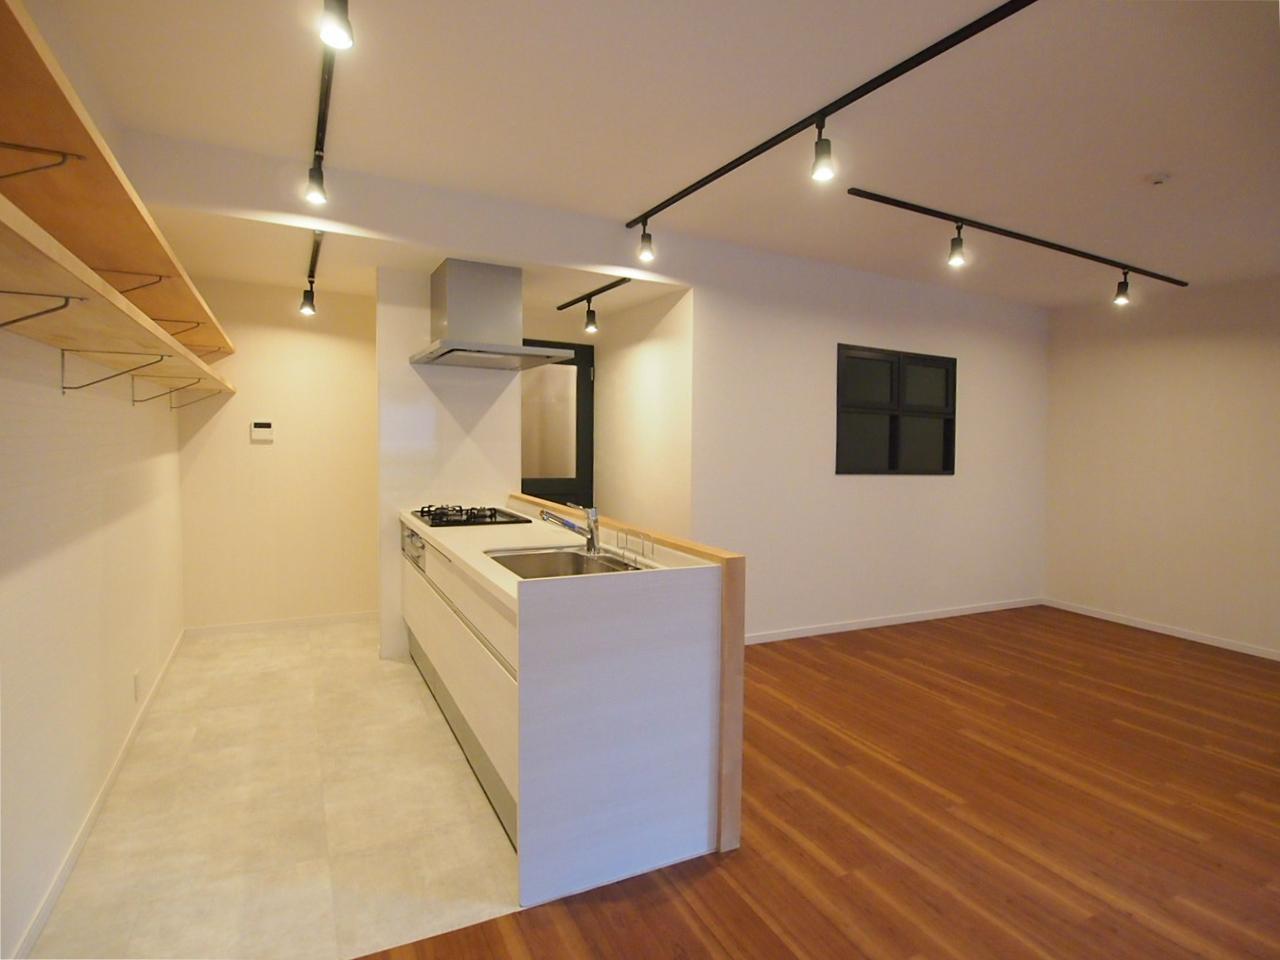 キッチン背面には長〜い飾り棚